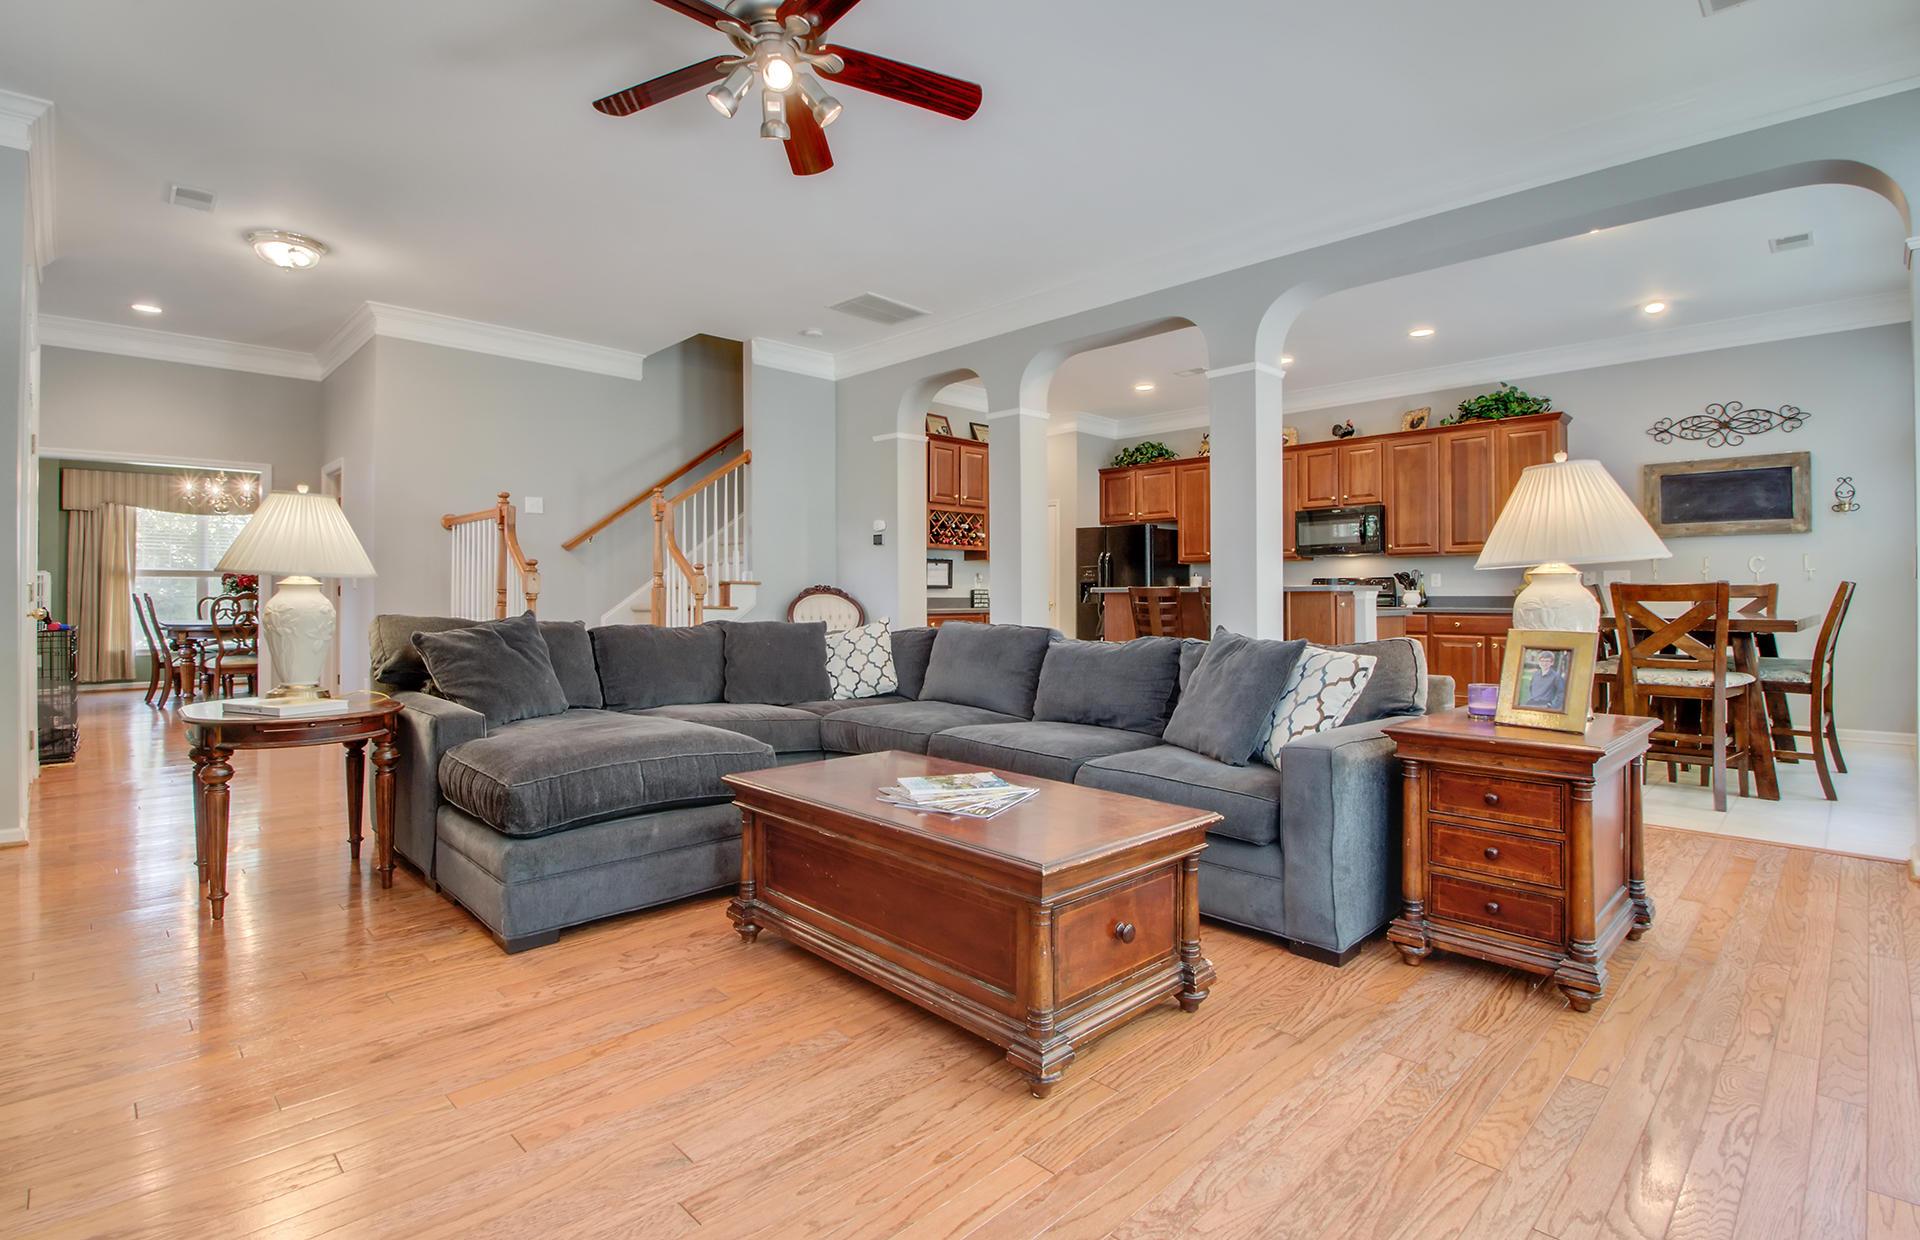 Park West Homes For Sale - 2500 Draymohr, Mount Pleasant, SC - 24